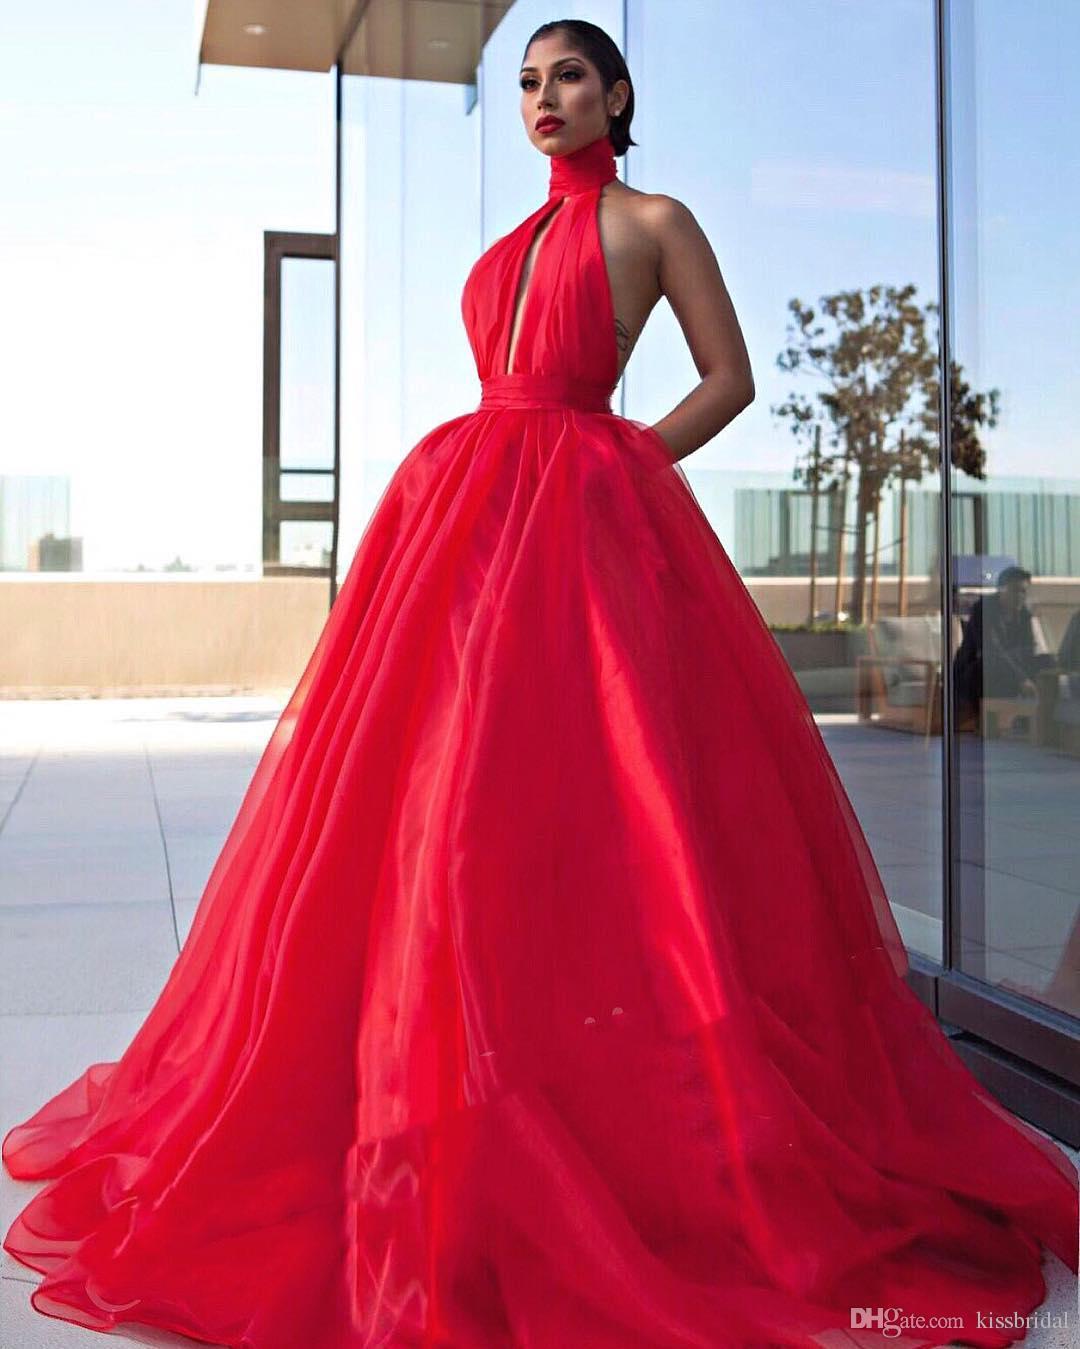 Abiti da ballo rosso abiti da ballo 2019 Sexy Halter-Neck portachiavi Busto aperto indietro Principessa abiti da sera formale Vestito dal tappeto rosso Cocktail Party Gown